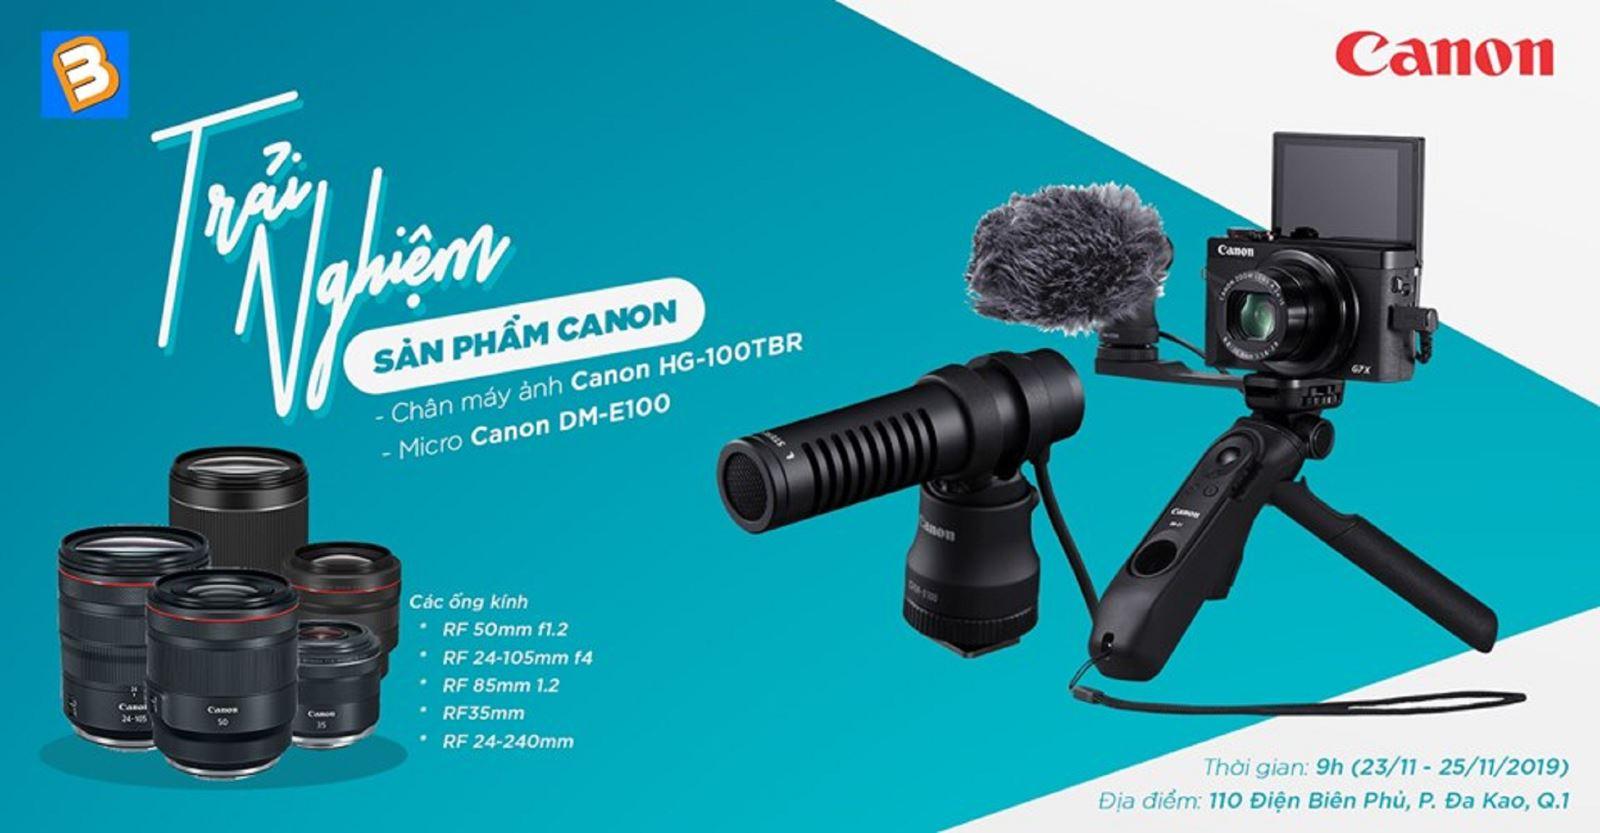 Trải nghiệm sản phẩm Canon cùng BinhMinhDigital